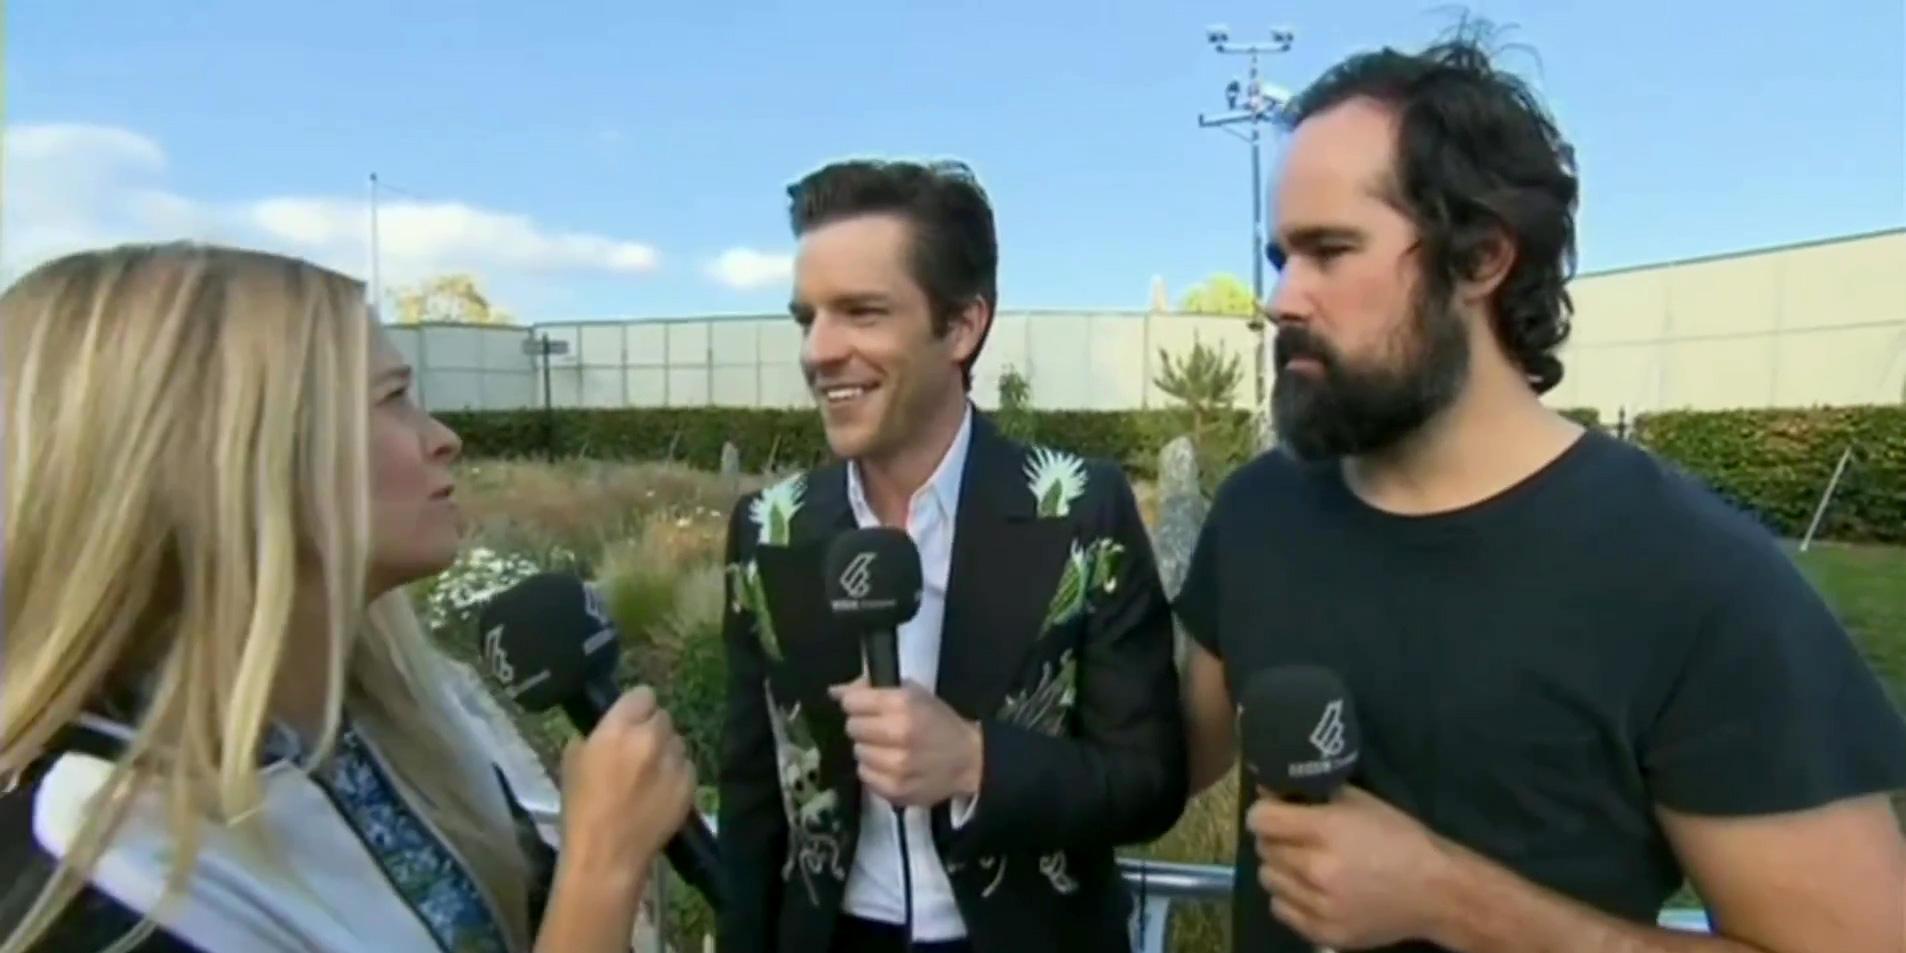 Intervista con la BBC al TRSNMT Festival